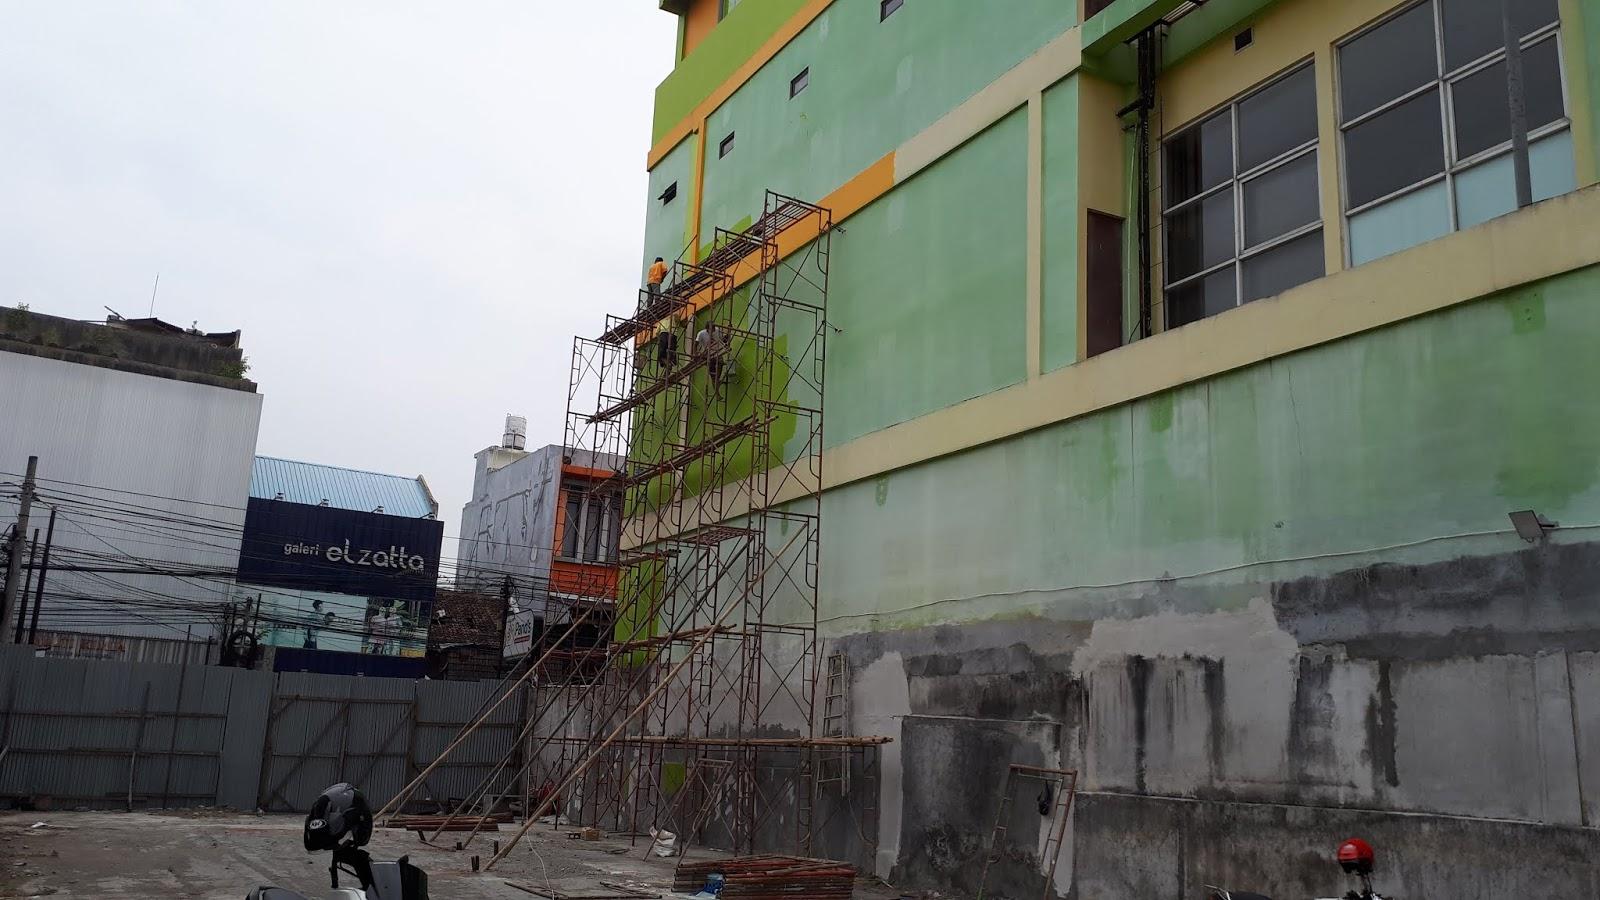 Jasa Tukang Cat Rumah Gedung Dan Kantor Di Jogjakarta